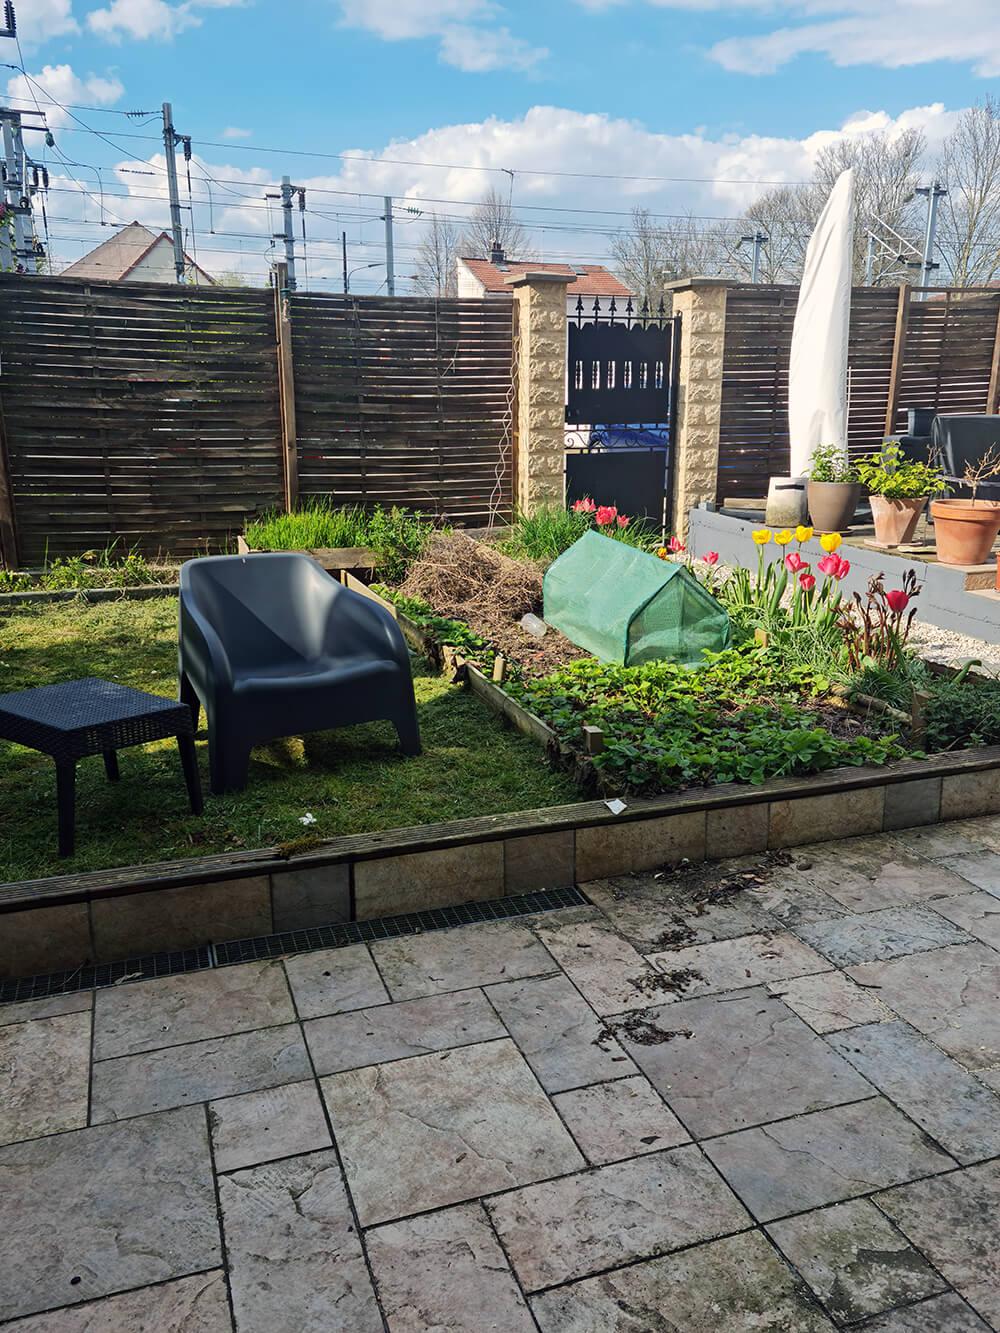 20210420 165415 - Relooking jardin : comment bien nettoyer une terrasse en carrelage ?